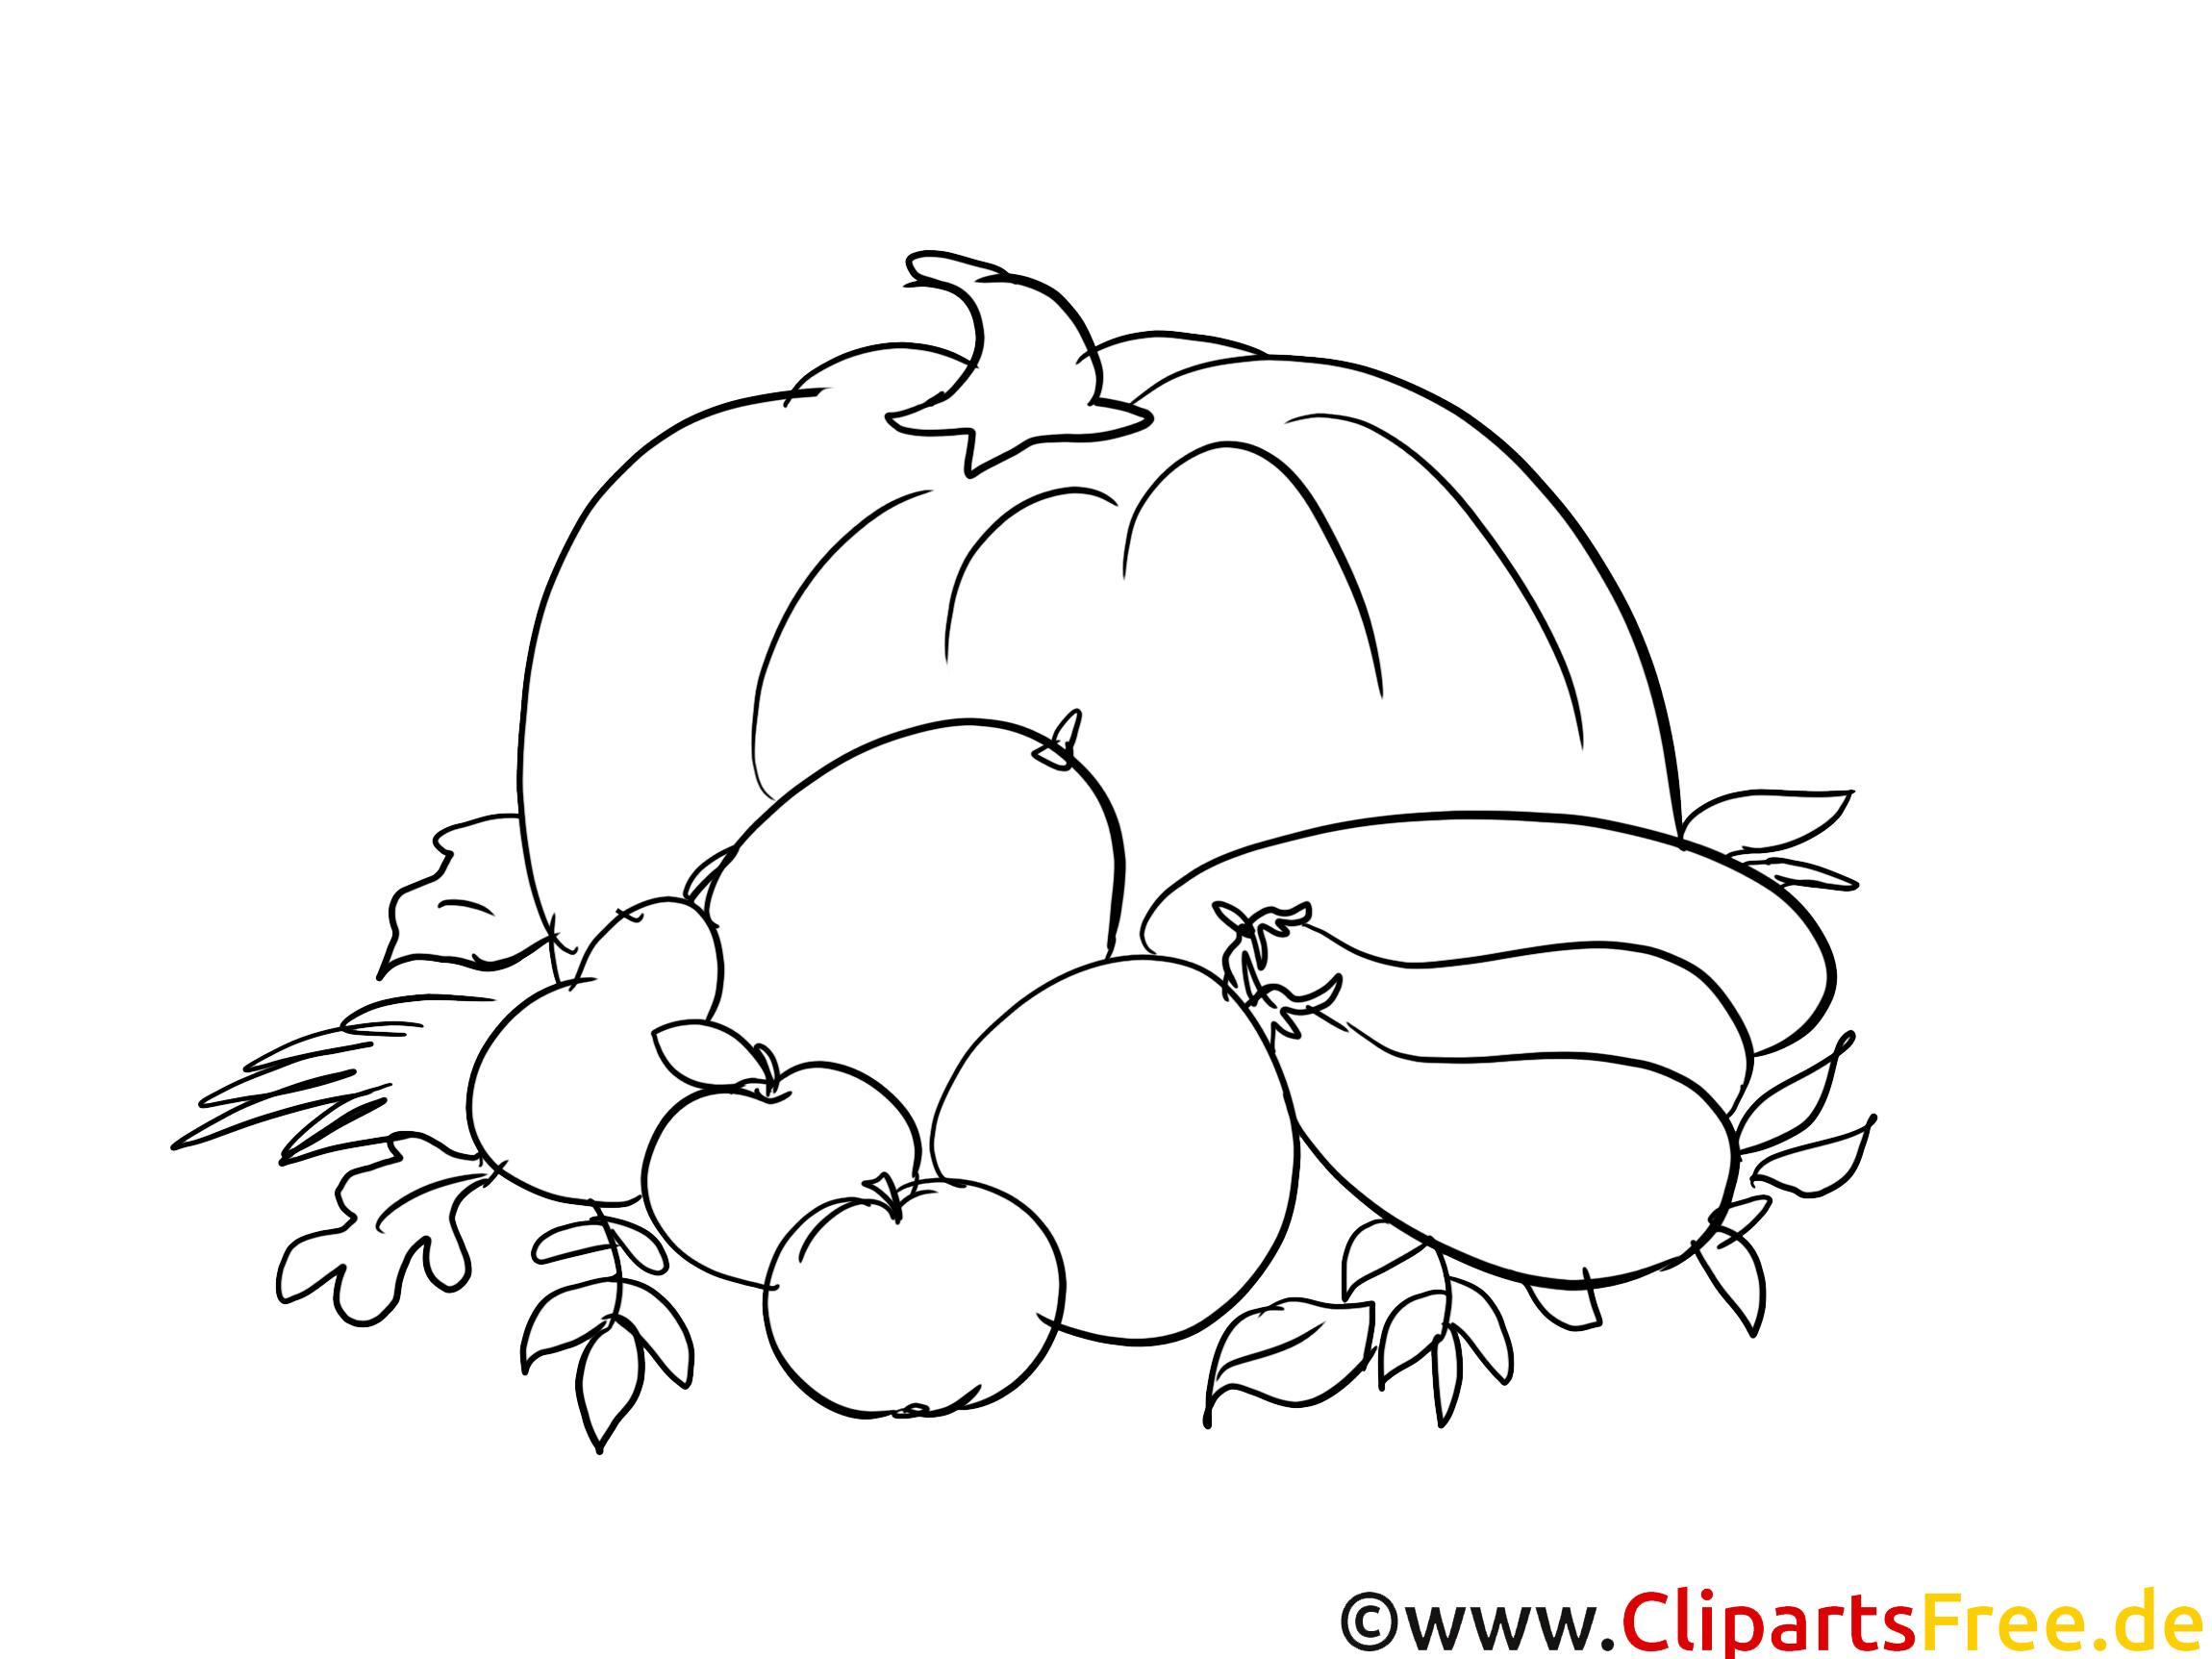 Herbst-Ernte - Kostenlose Ausmalbilder Herbst  Ausmalbilder